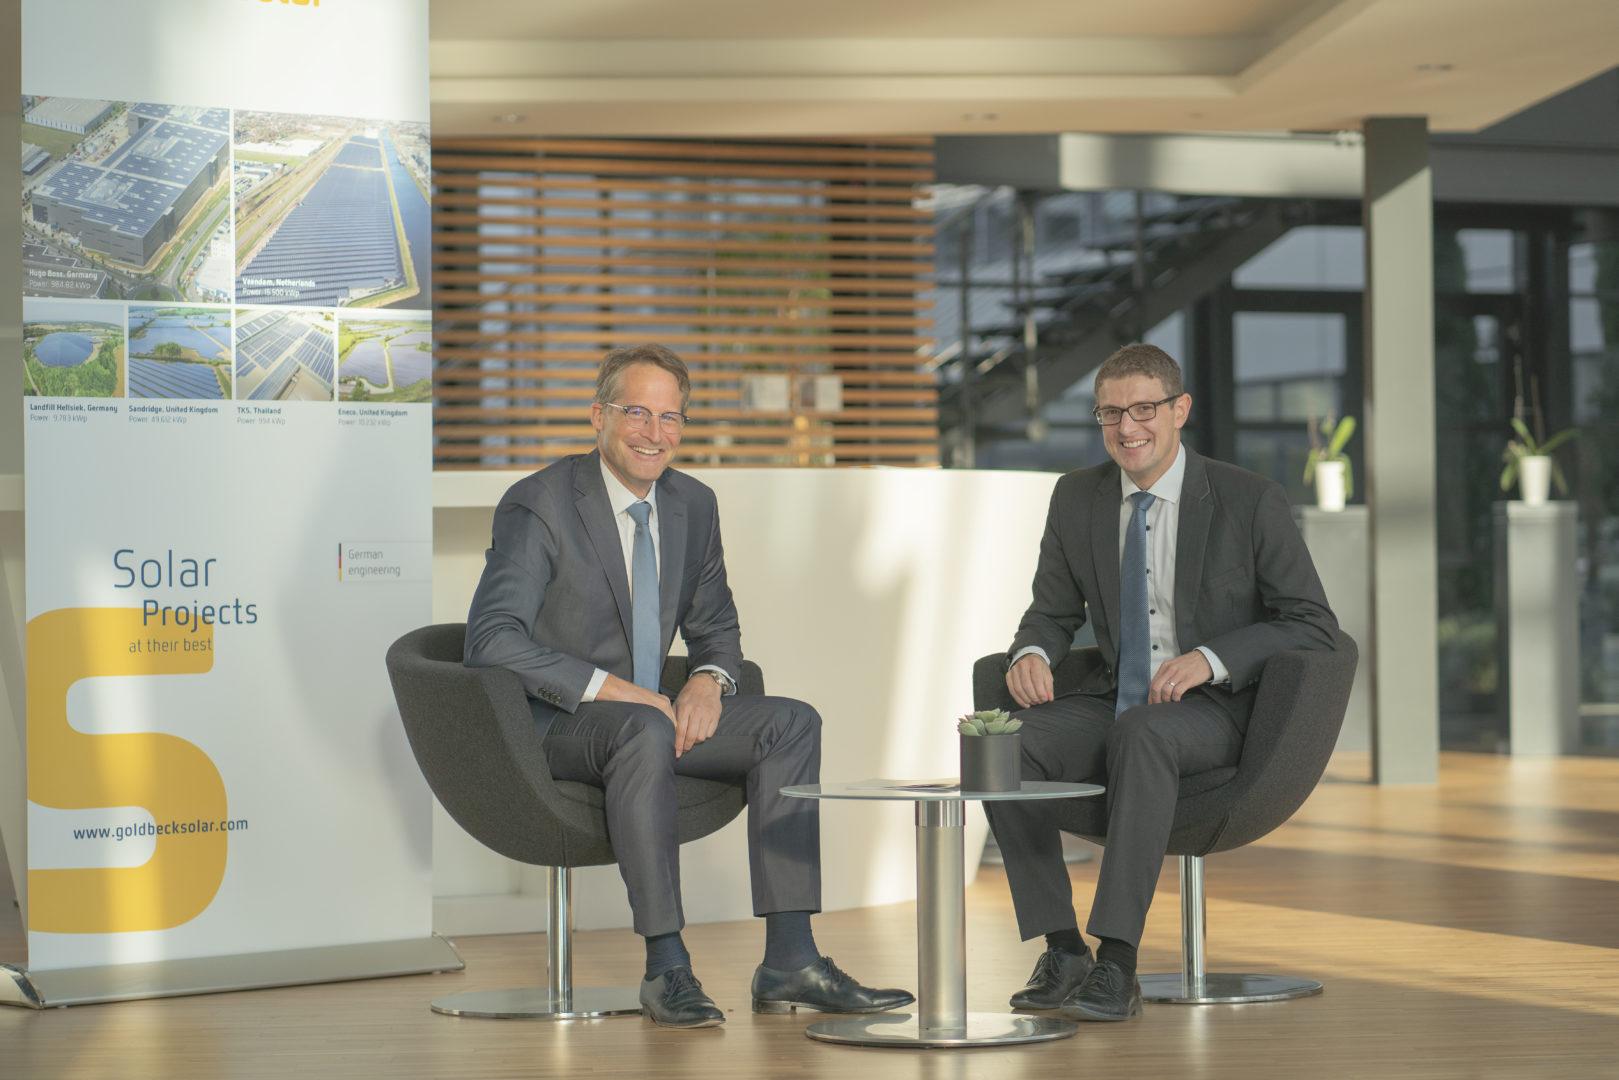 Die Geschäftsführer von Goldbeck Solar Joachim Goldbeck und Tobias Schüßler